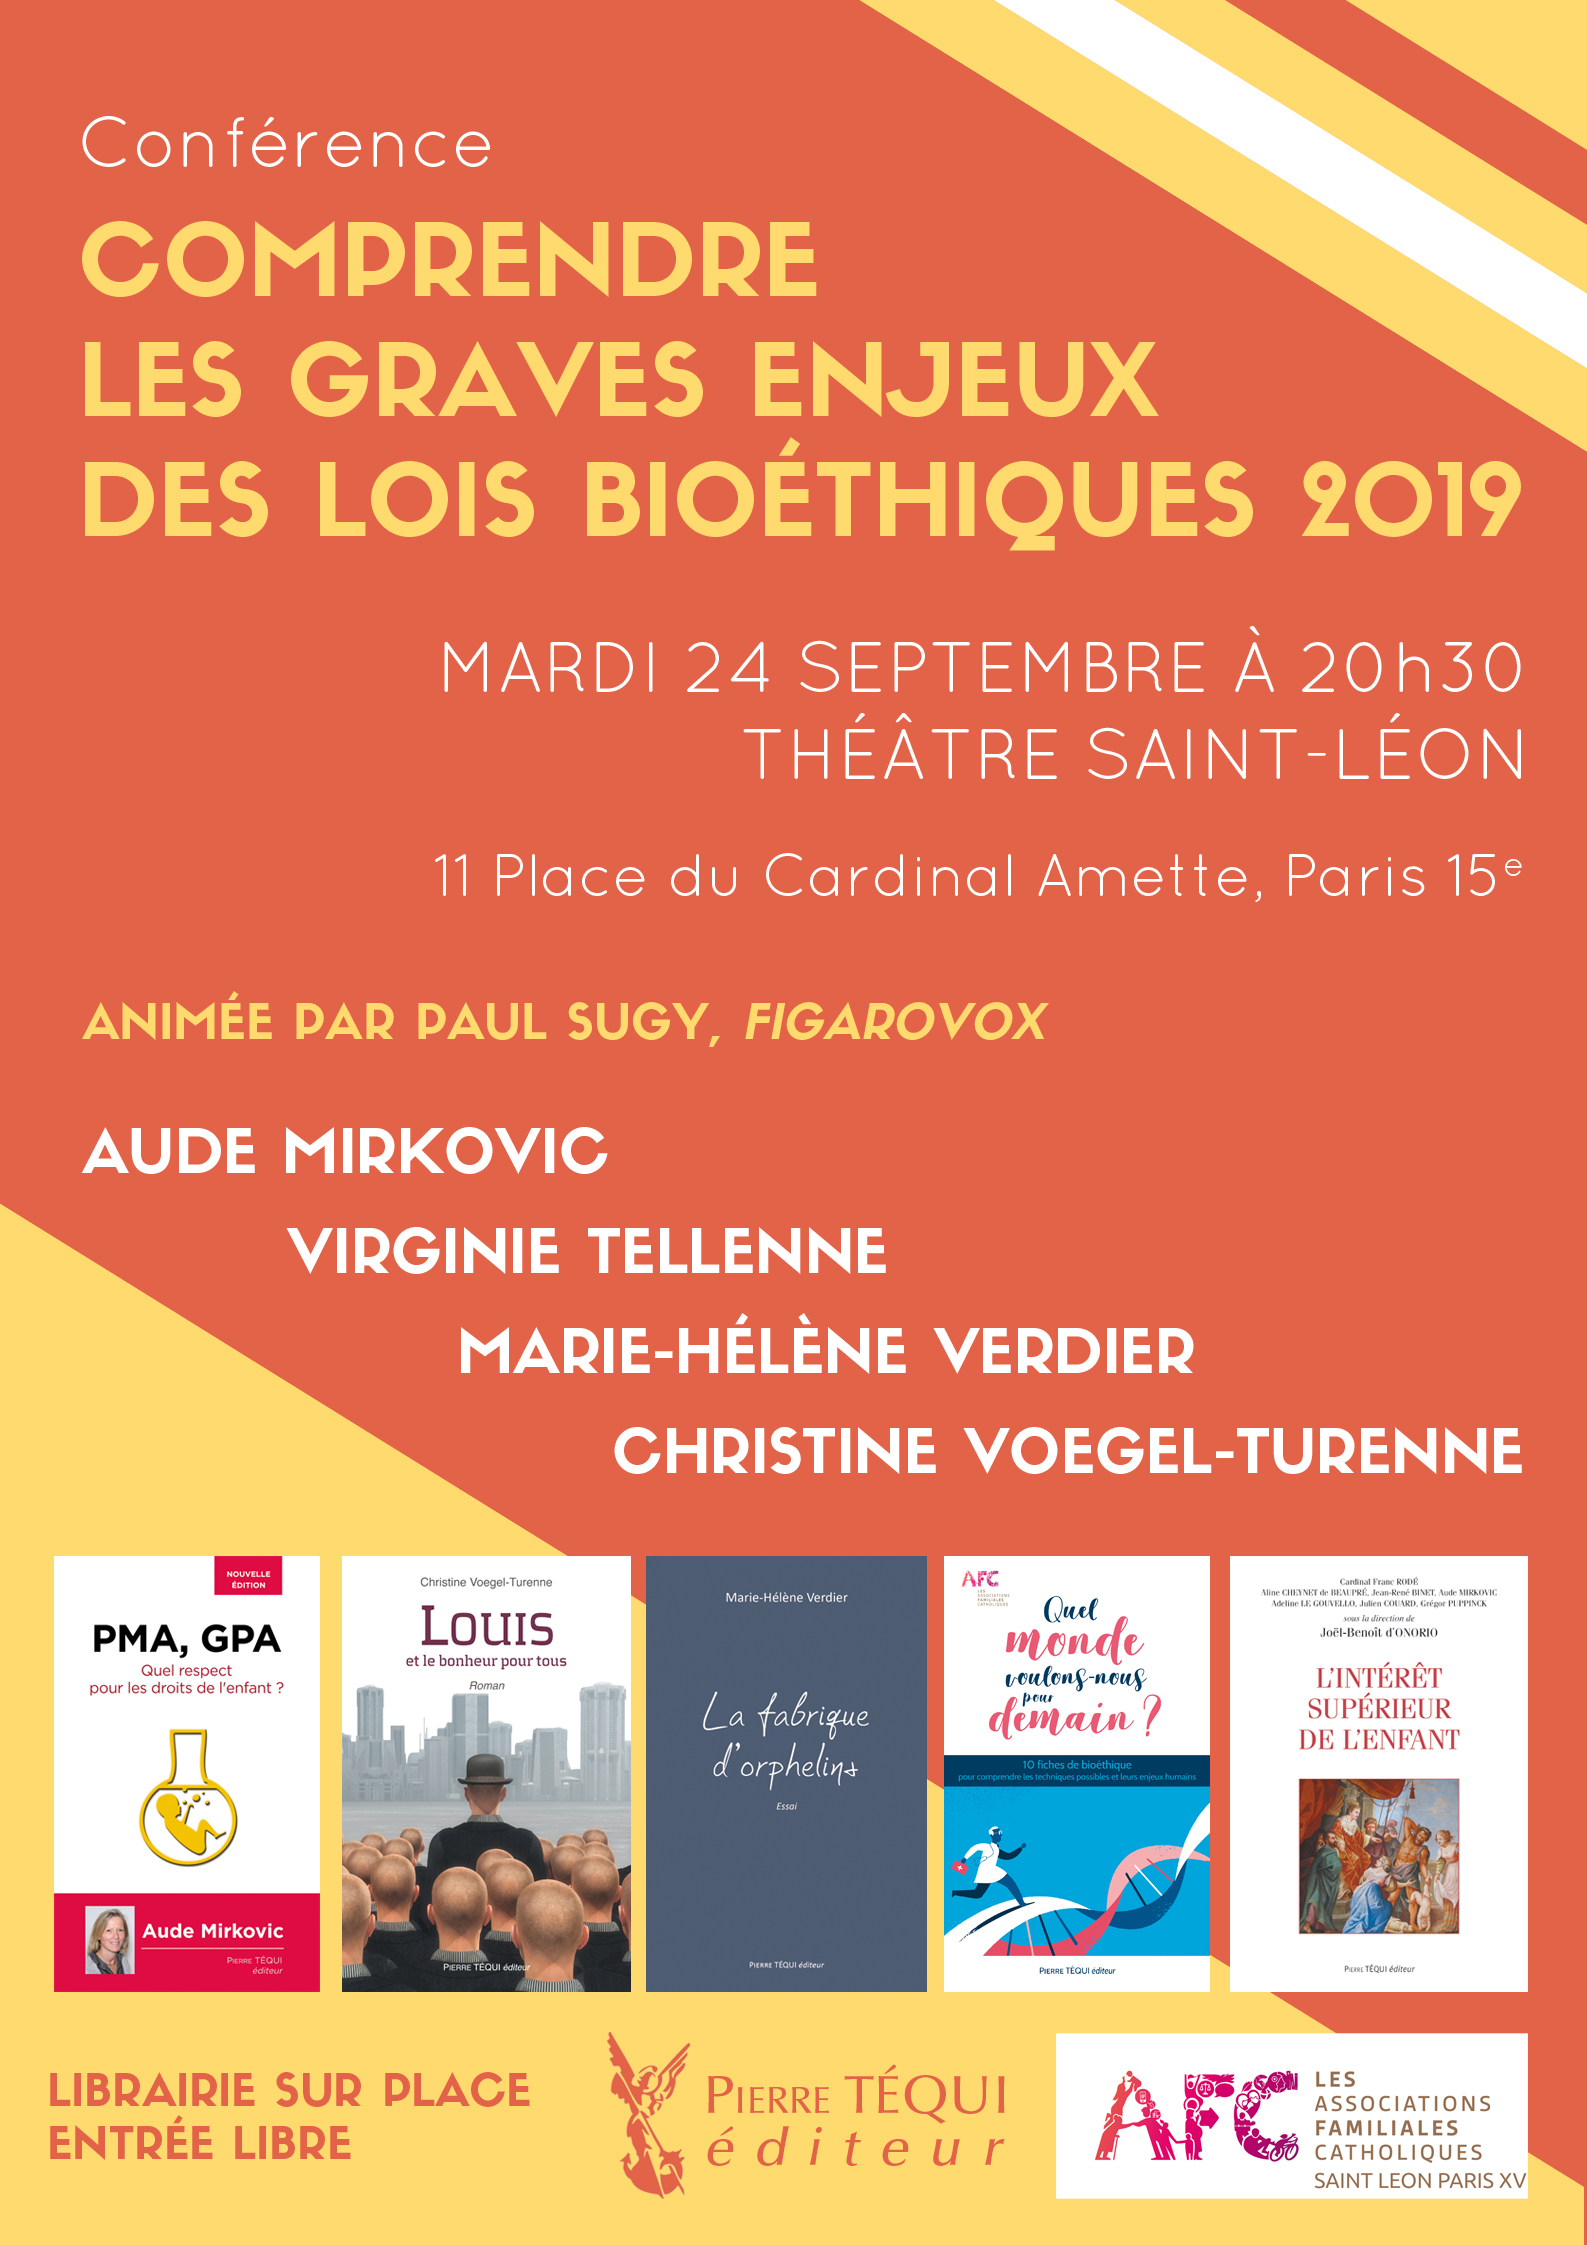 Conférence Bioéthique mardi 24 septembre